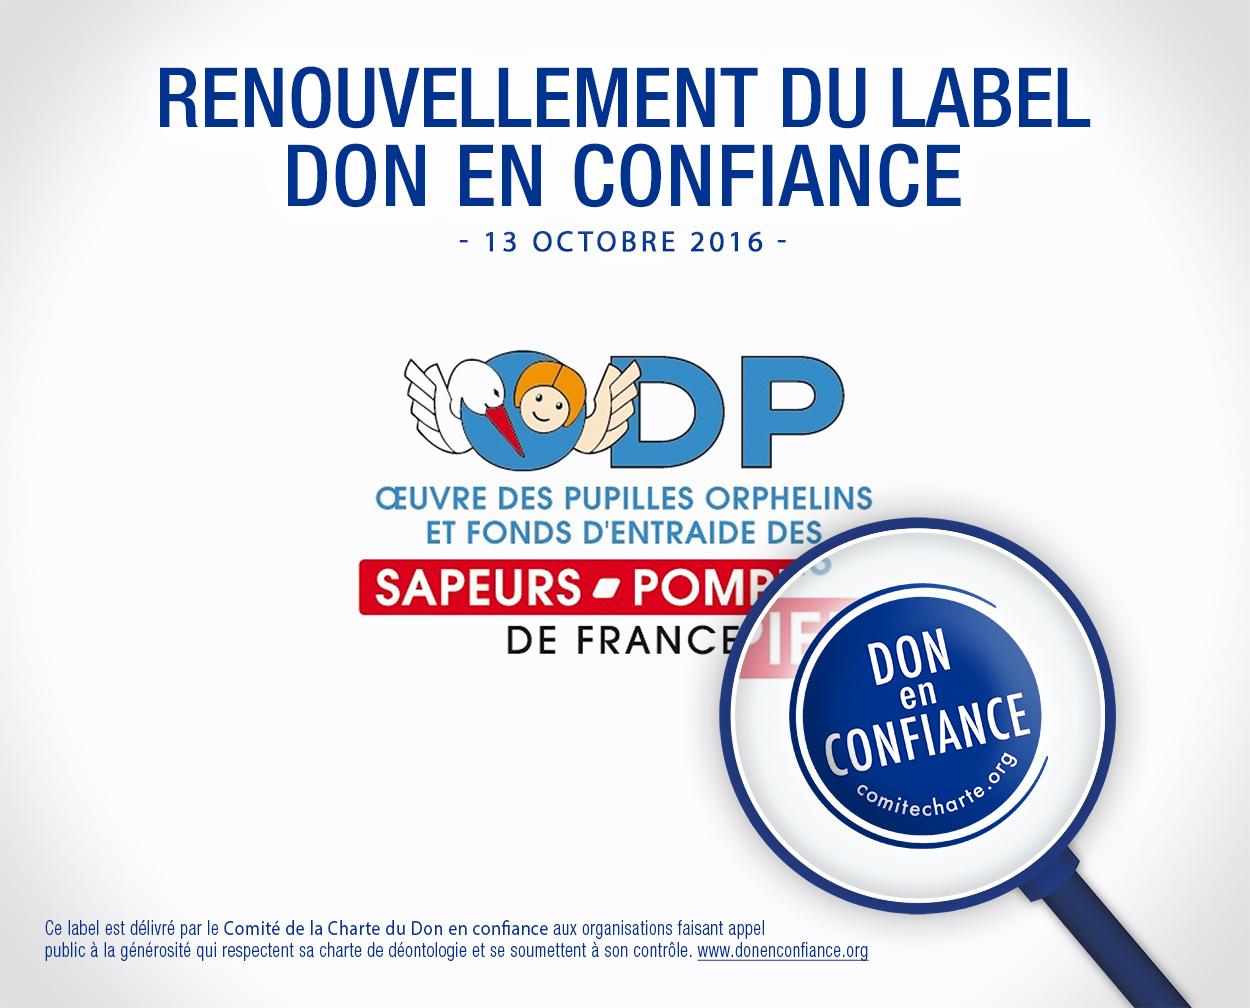 Renouvellement du label Don en confiance - 13 octobre 2016